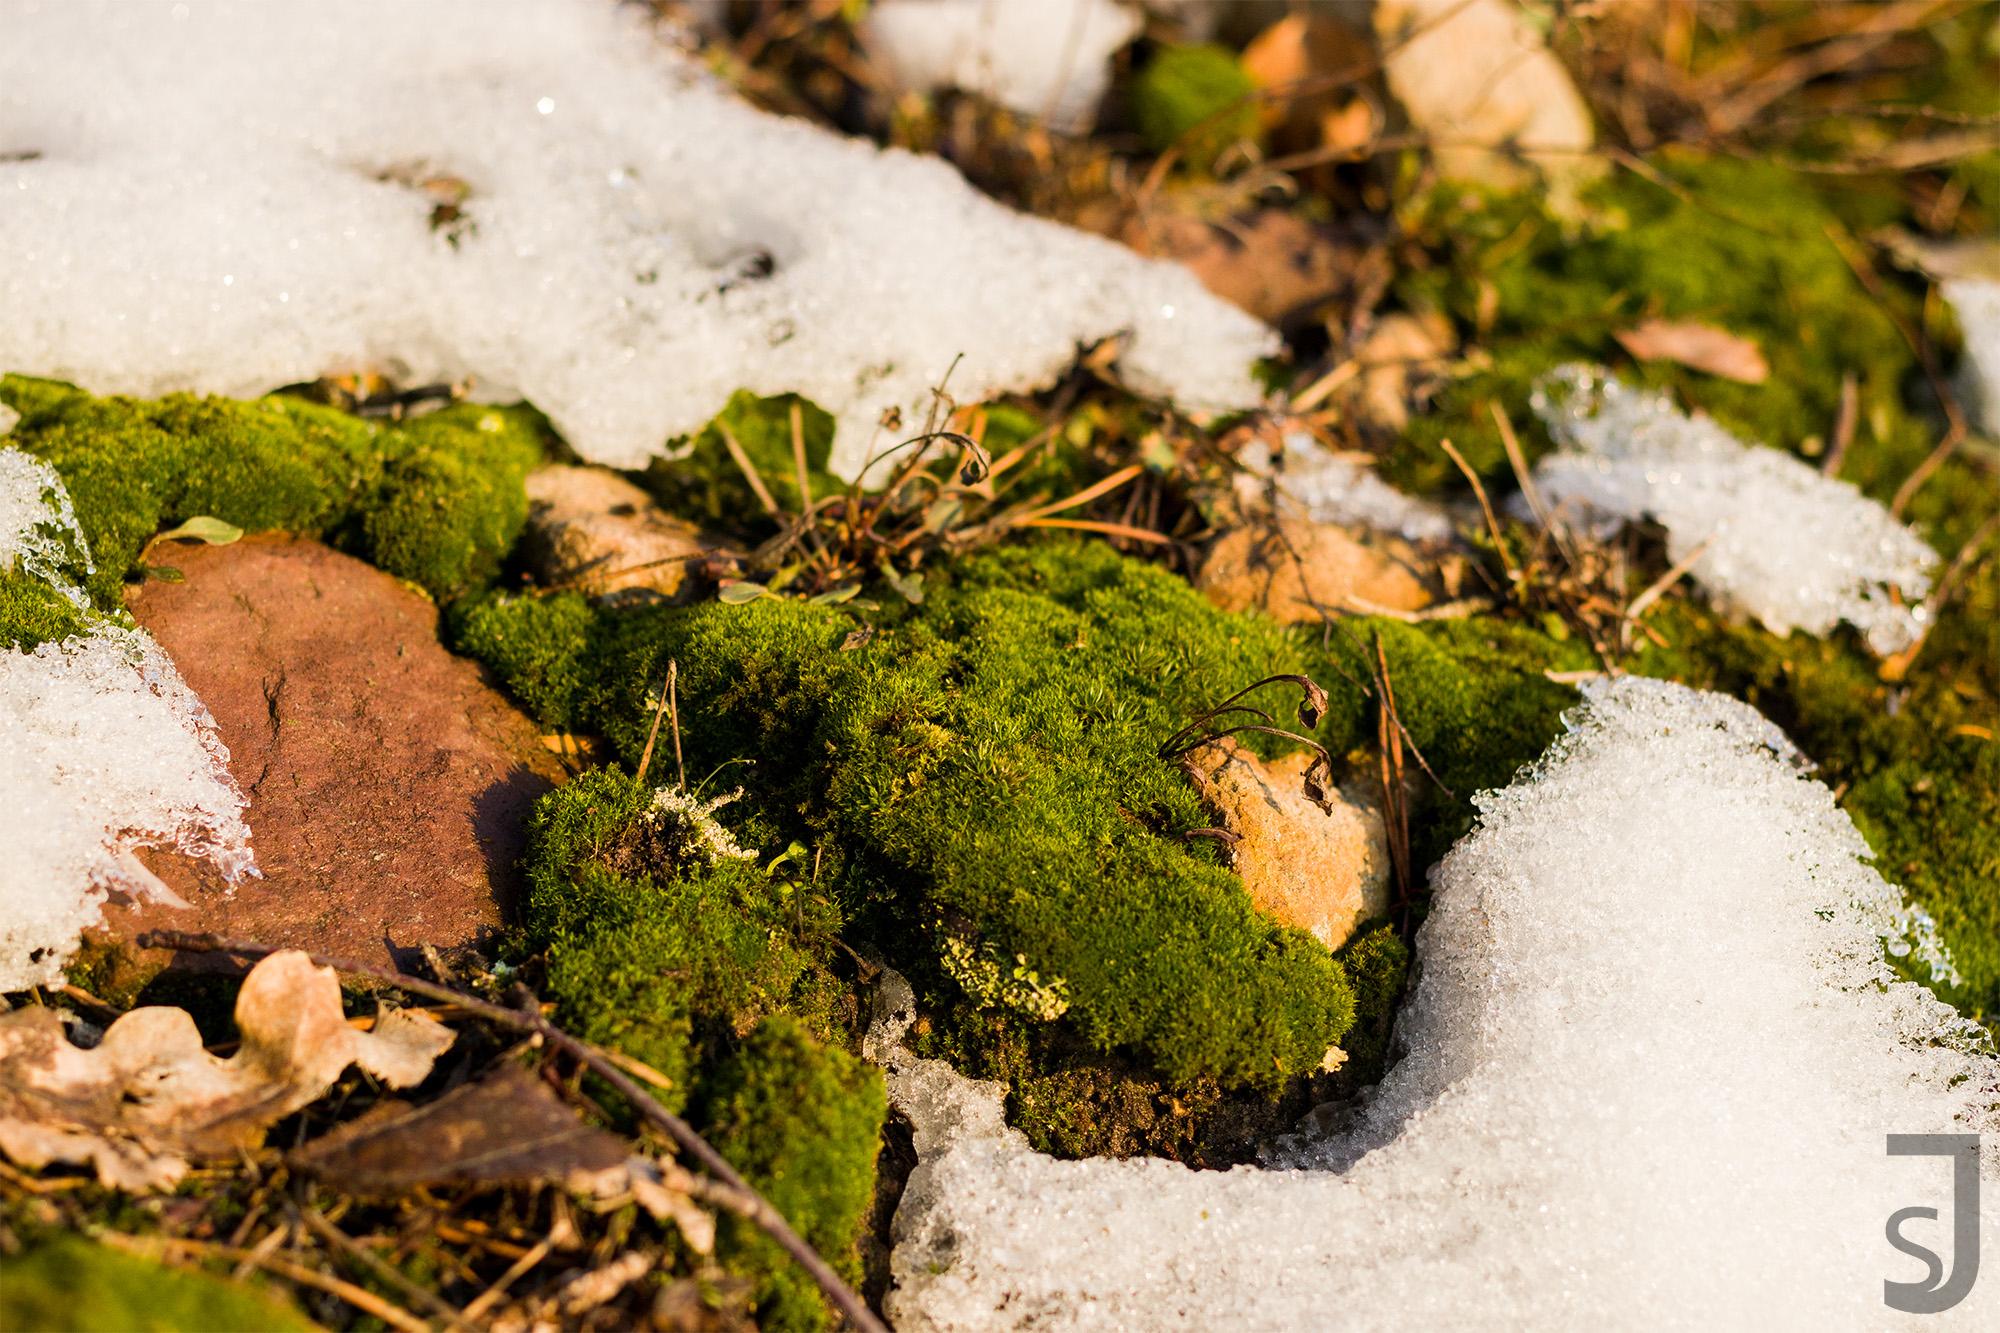 gefrorener Waldboden (Moos)